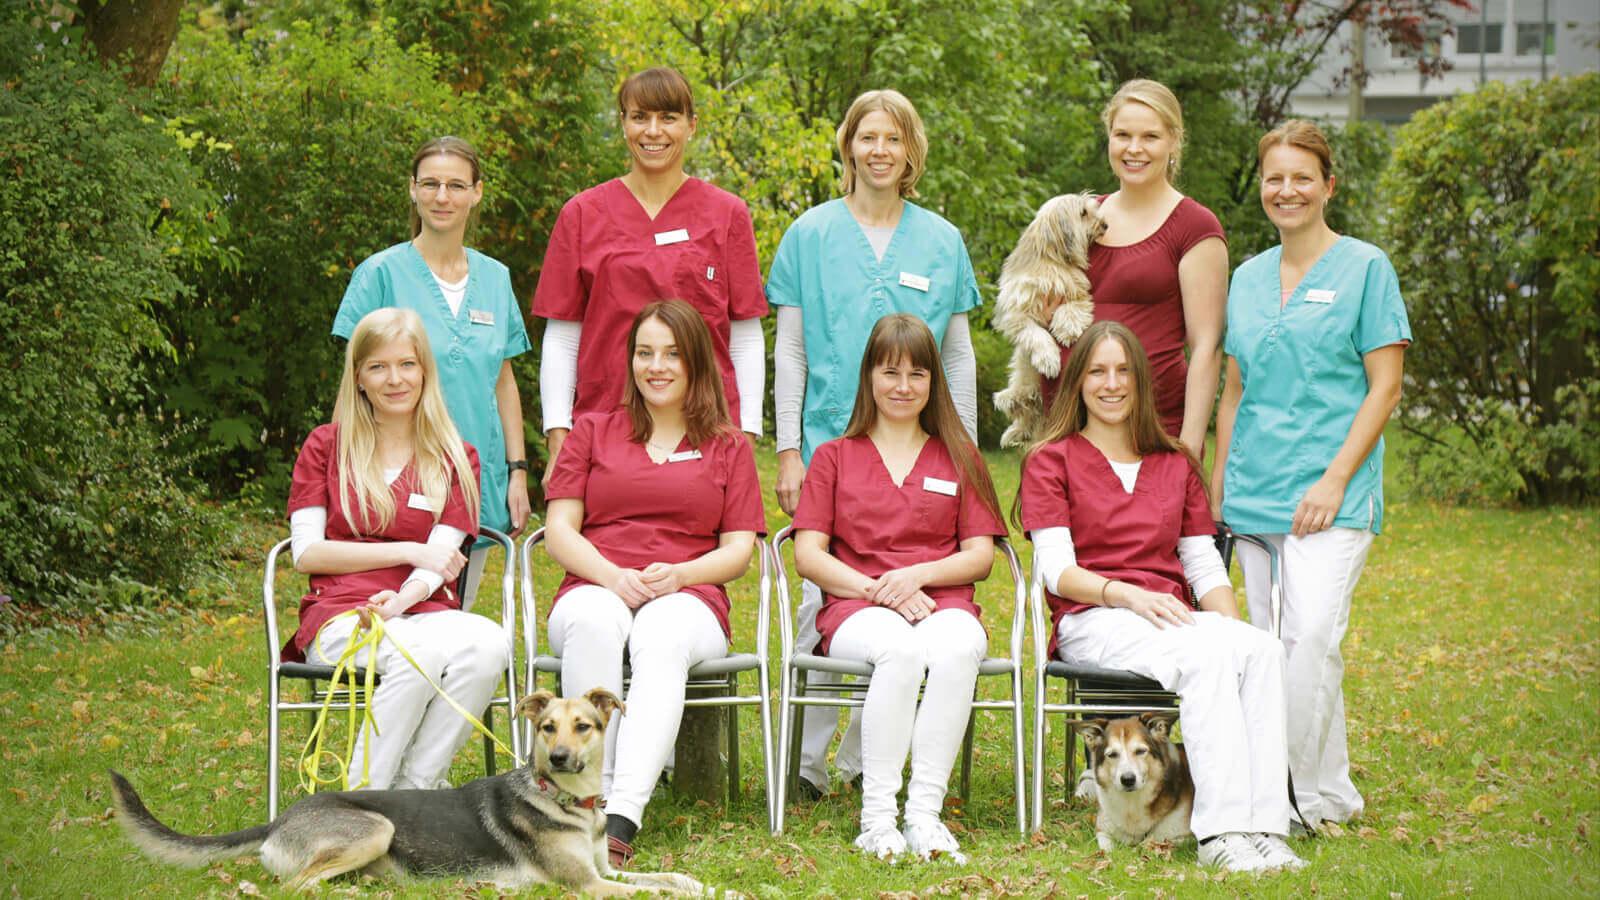 untersuchung tierarzt ratenzahlung